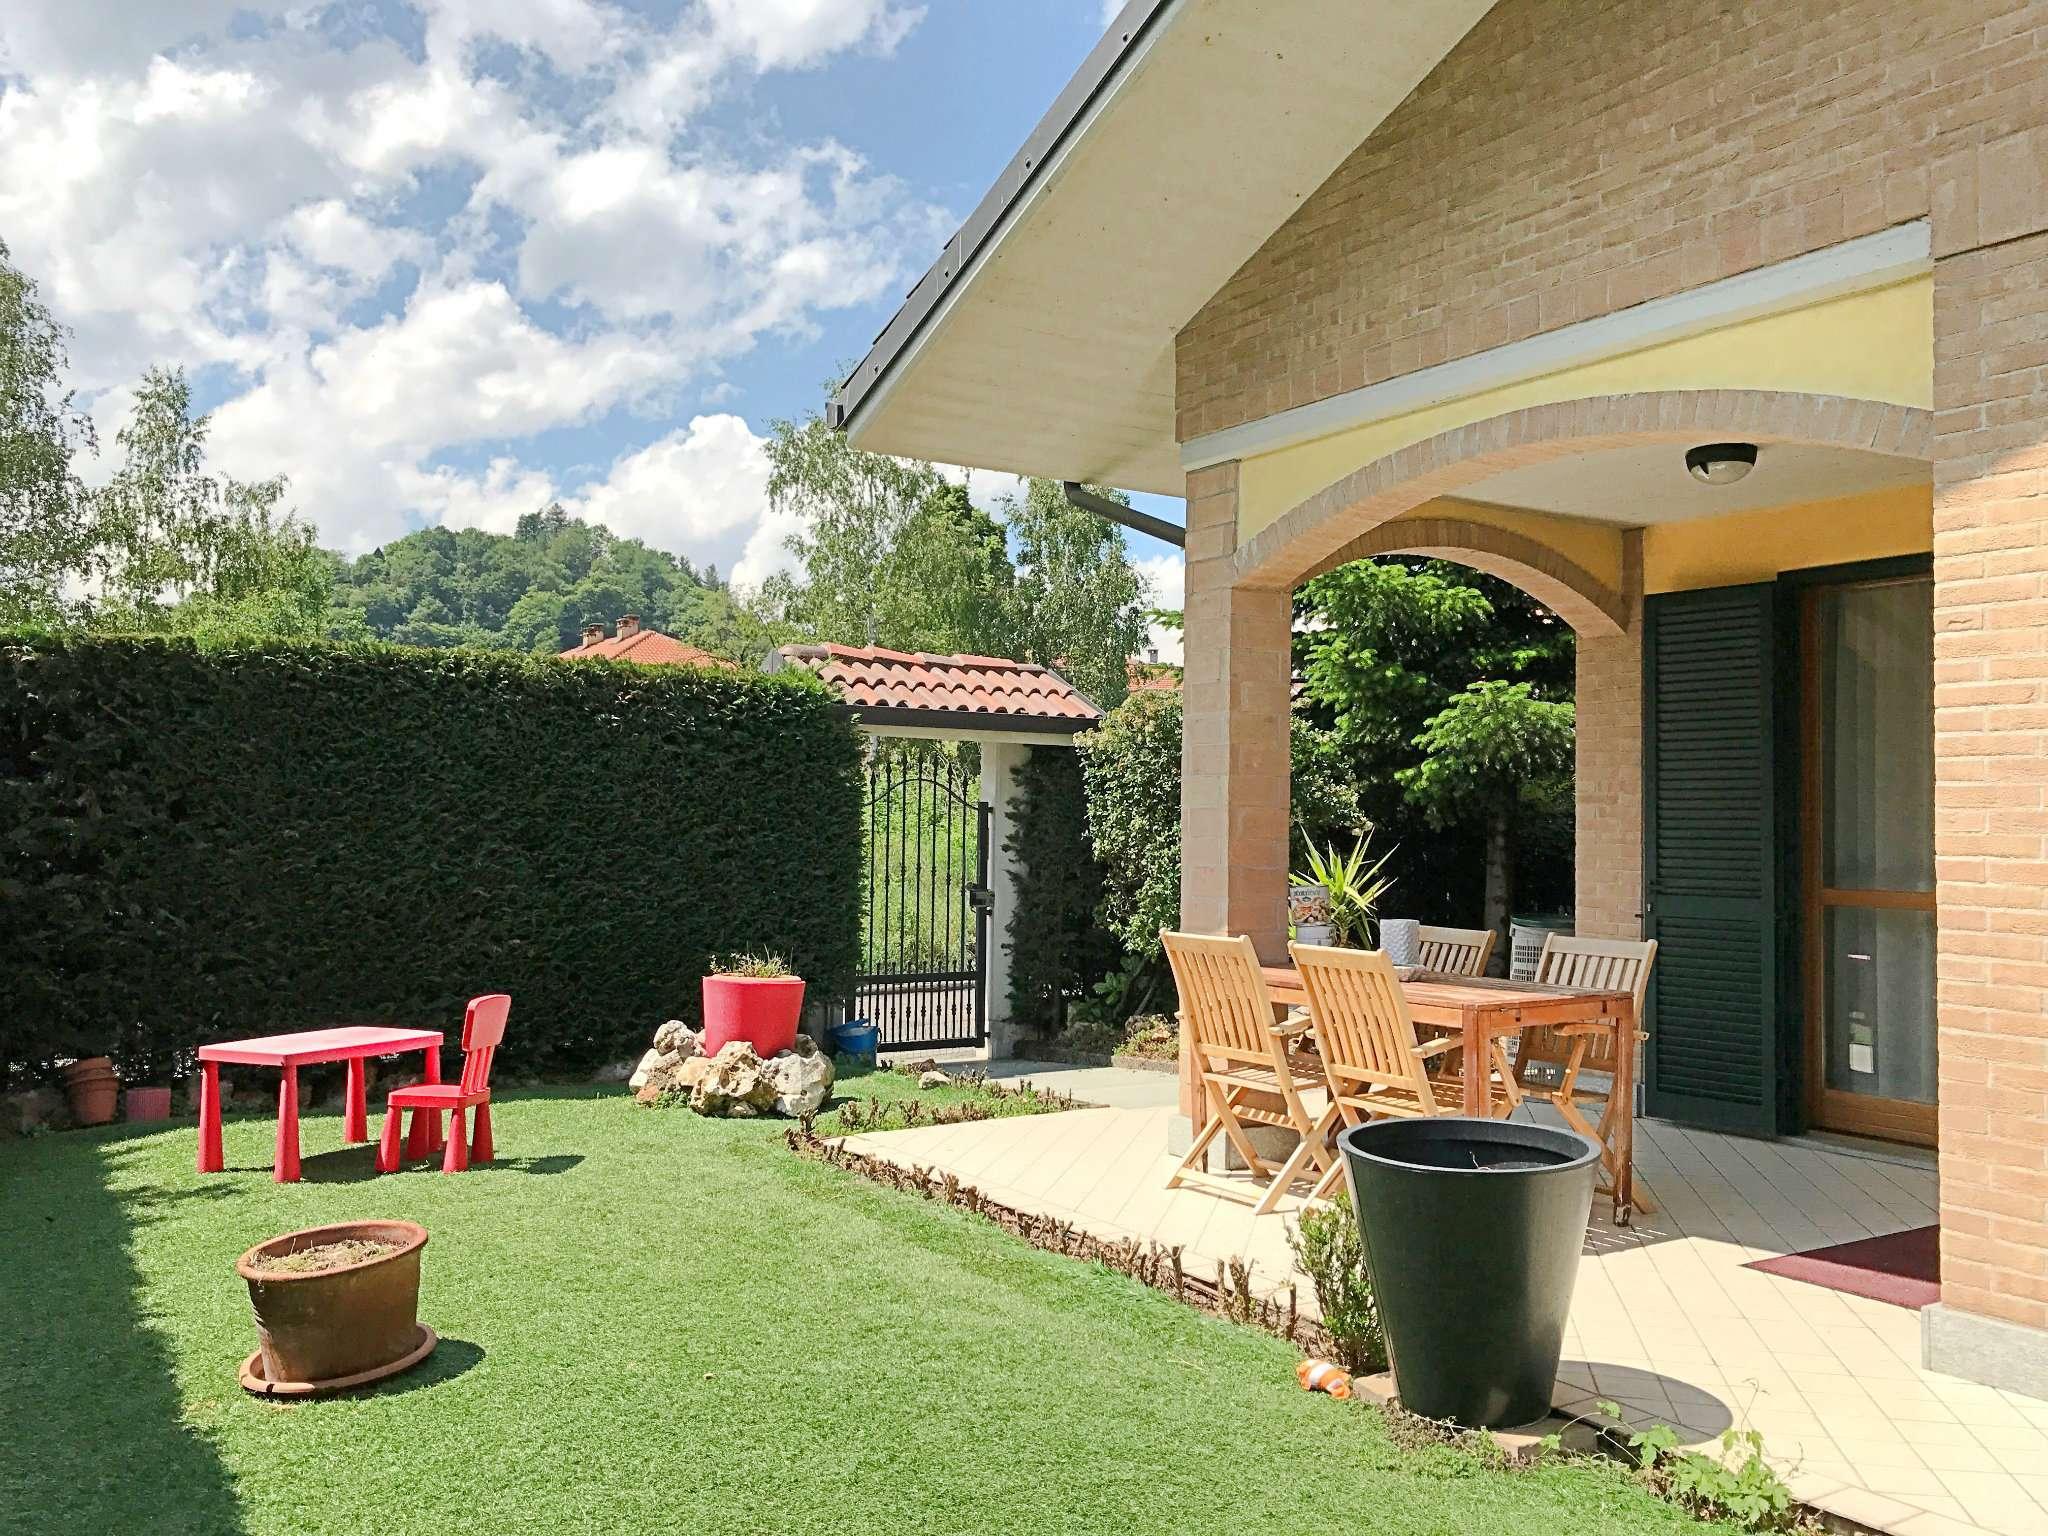 Villa in vendita a Trana, 8 locali, prezzo € 375.000 | CambioCasa.it